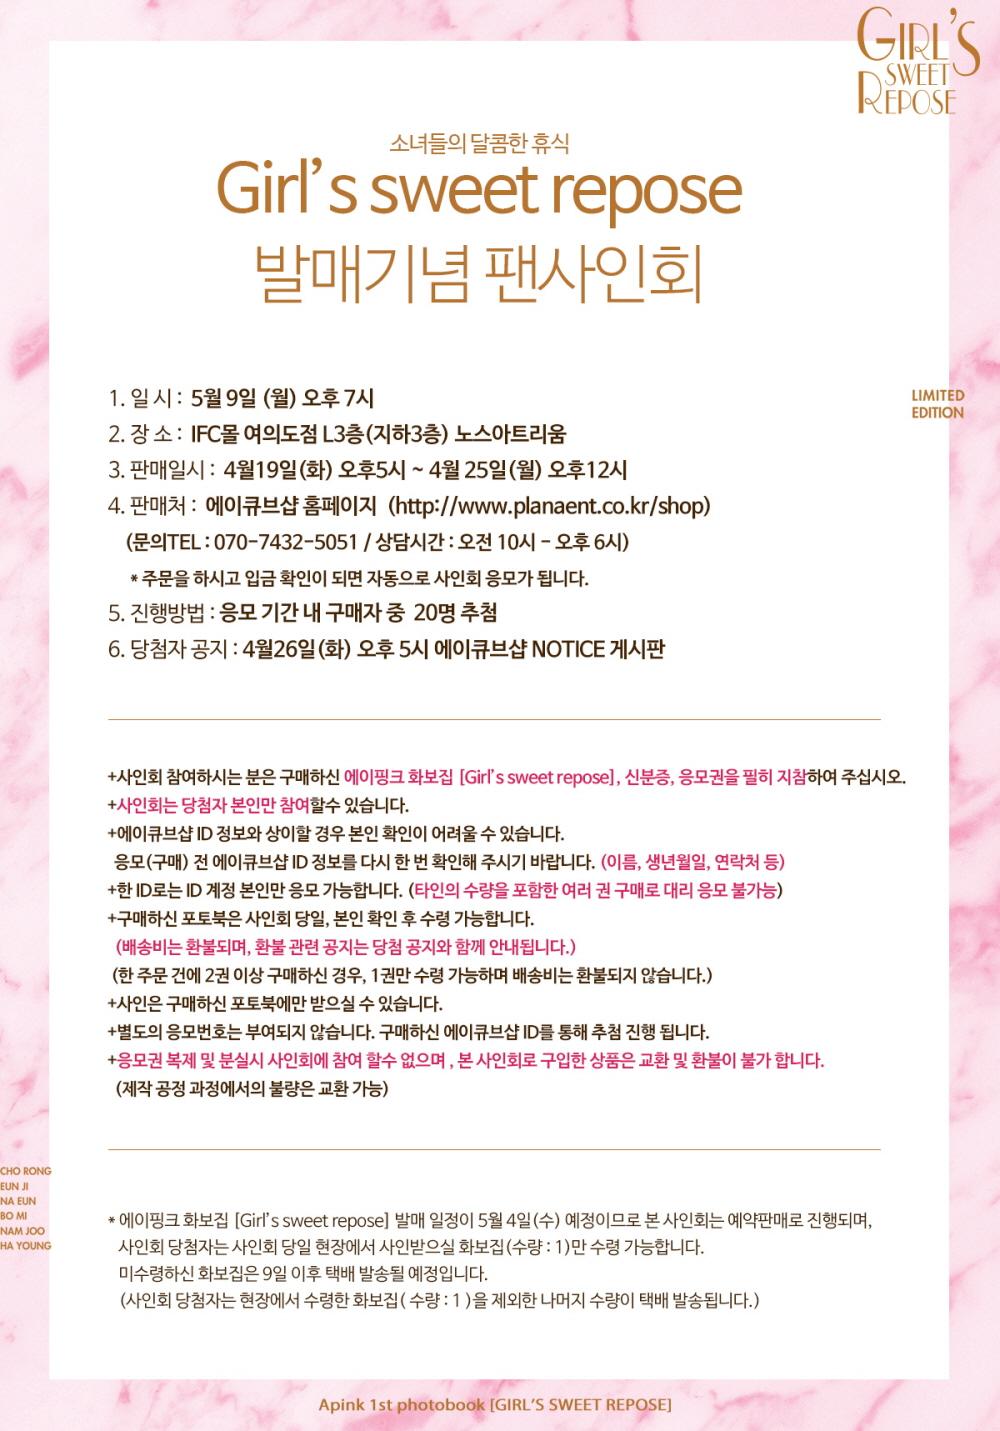 꾸미기_160419_팬사인회 안내 공지_완료_최종.jpg